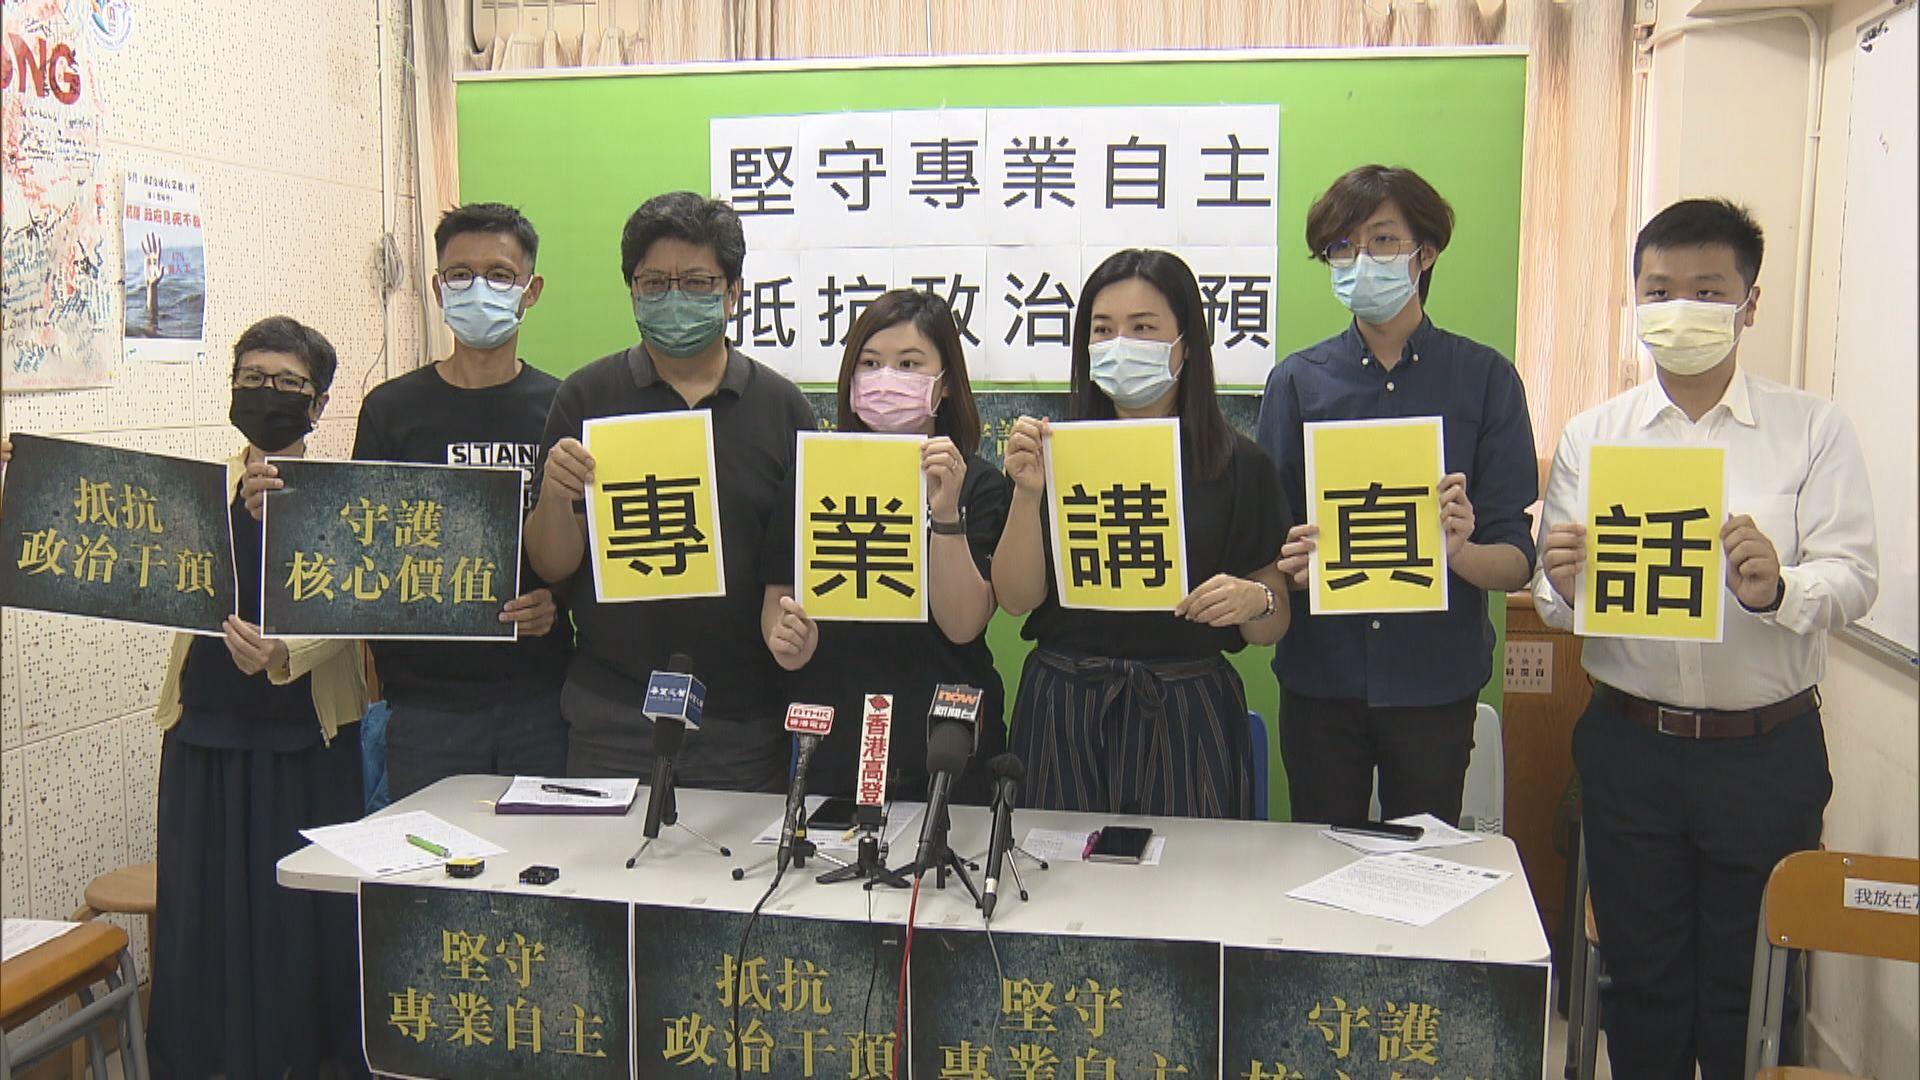 醫護、社工及記者等多個工會促捍衛專業自主